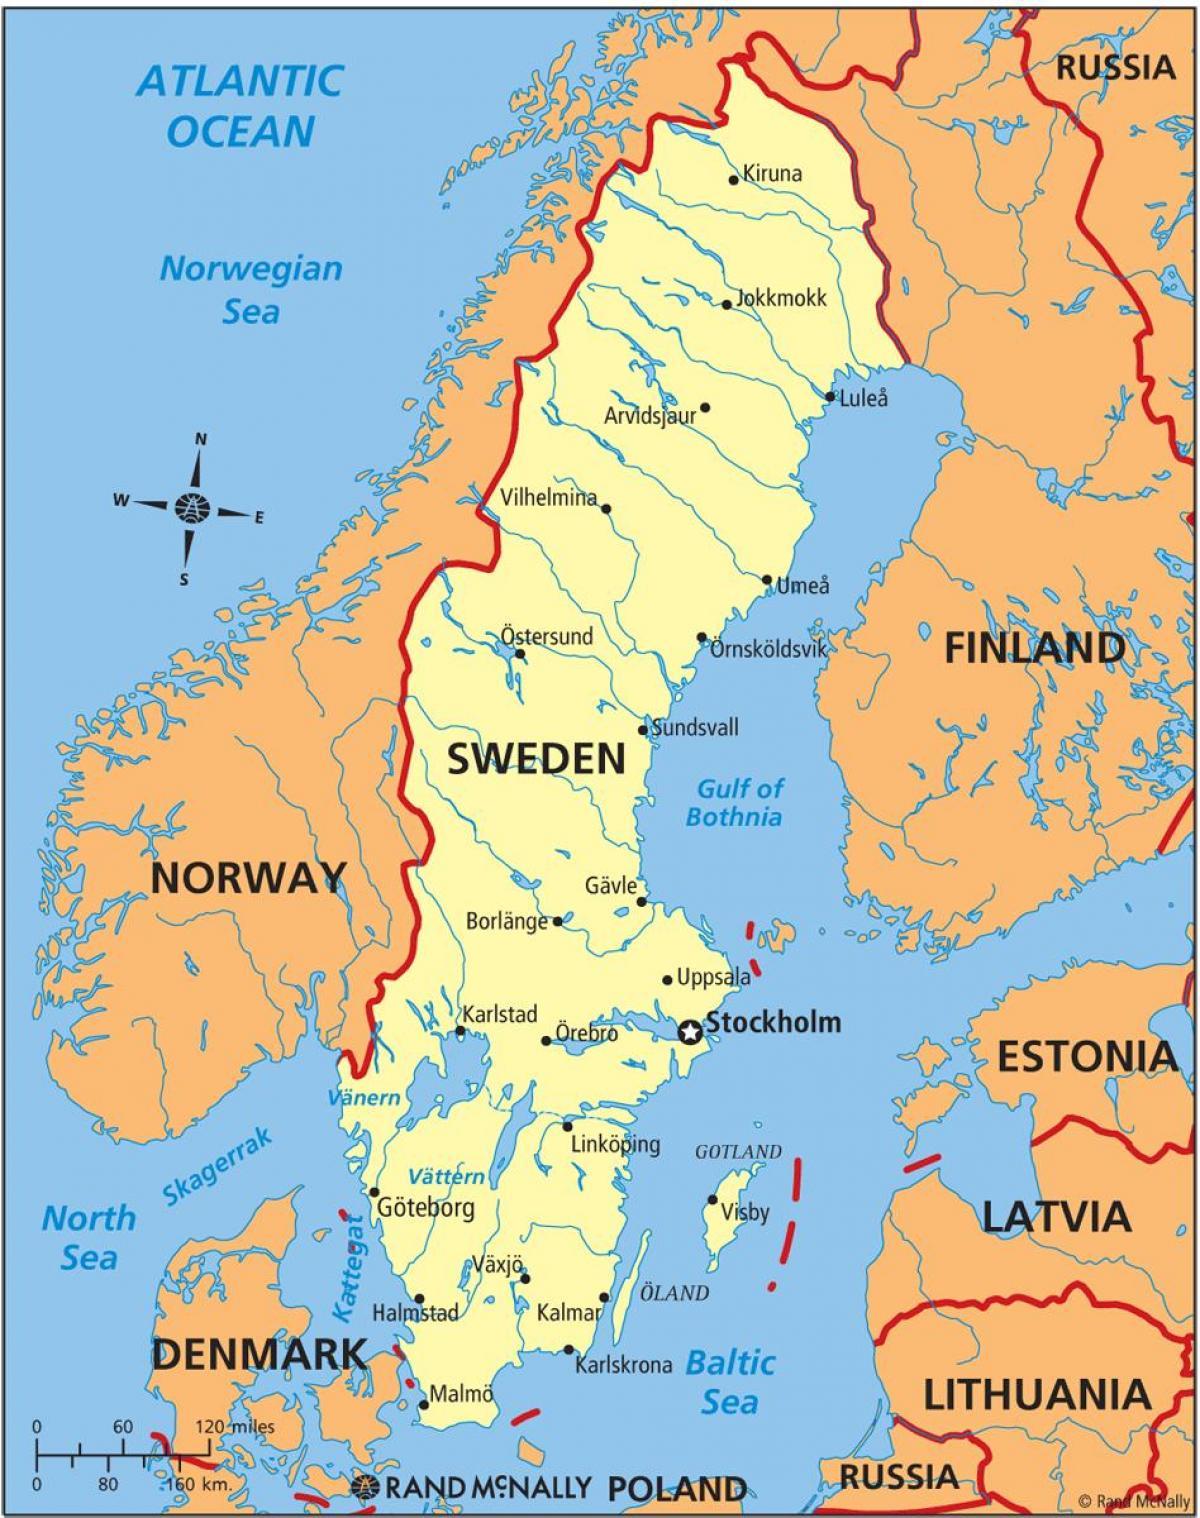 kart over småland sverige Kart over Sverige   Sverige på et kart (Nord Europa   Europa) kart over småland sverige